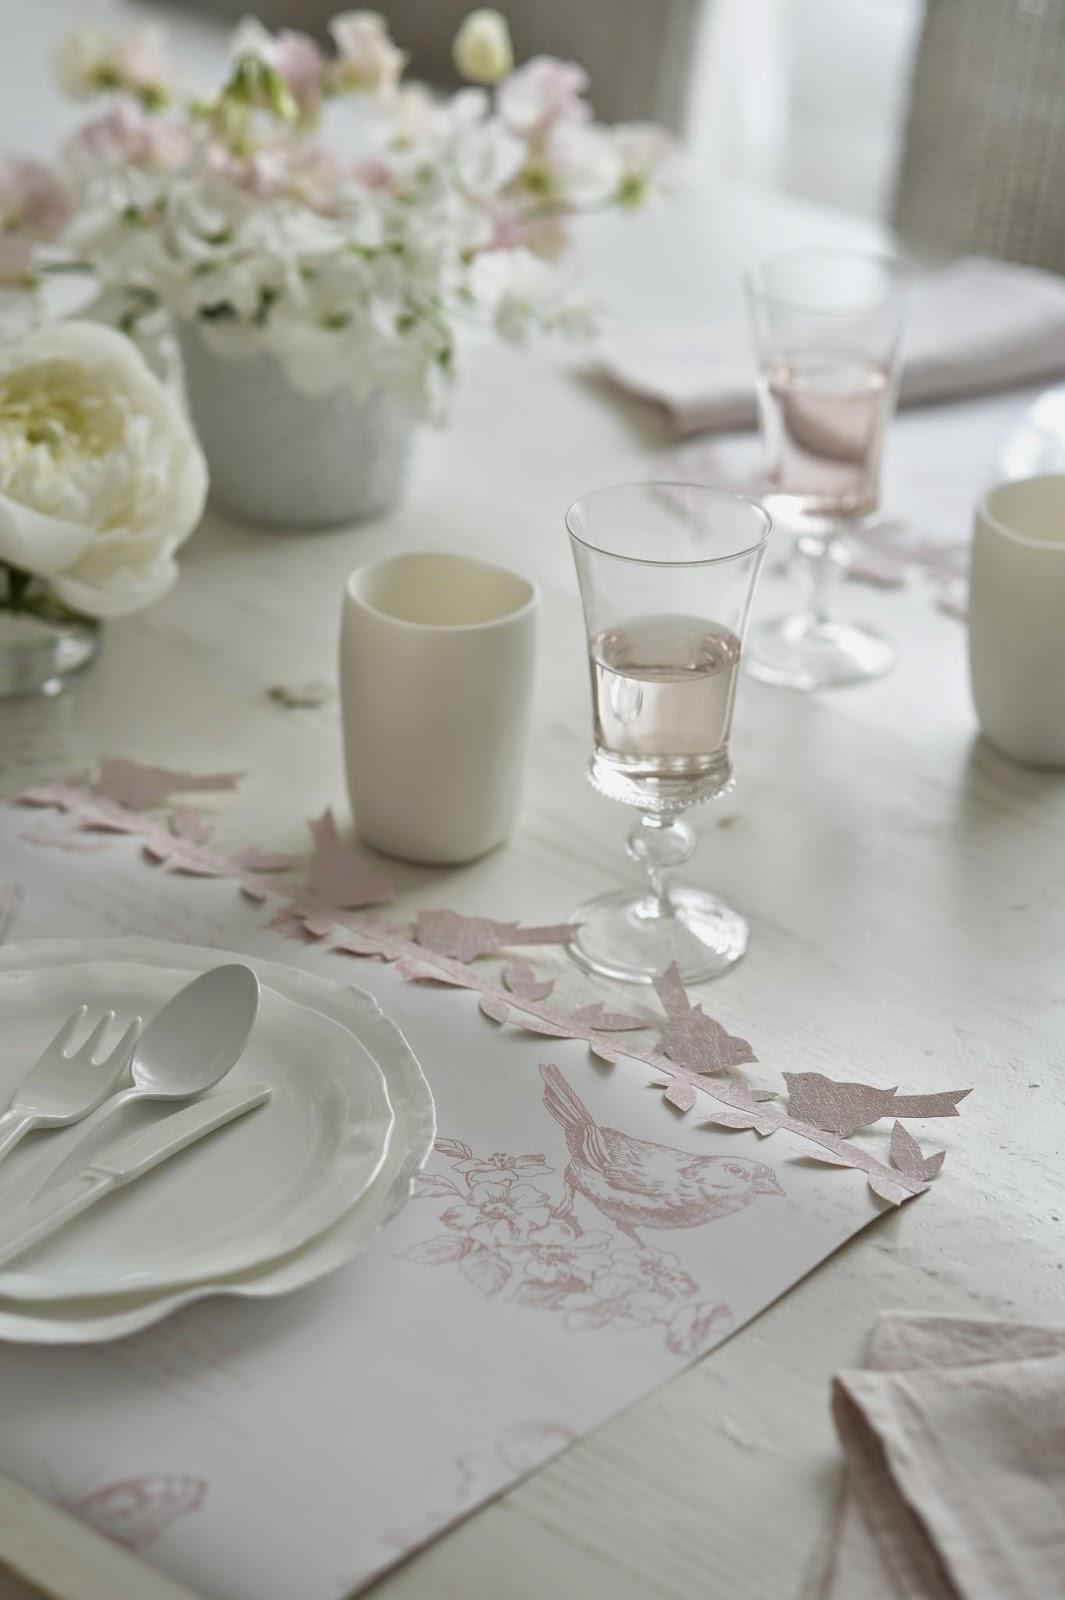 Marie paule faure d ner en rose for Set de table rose